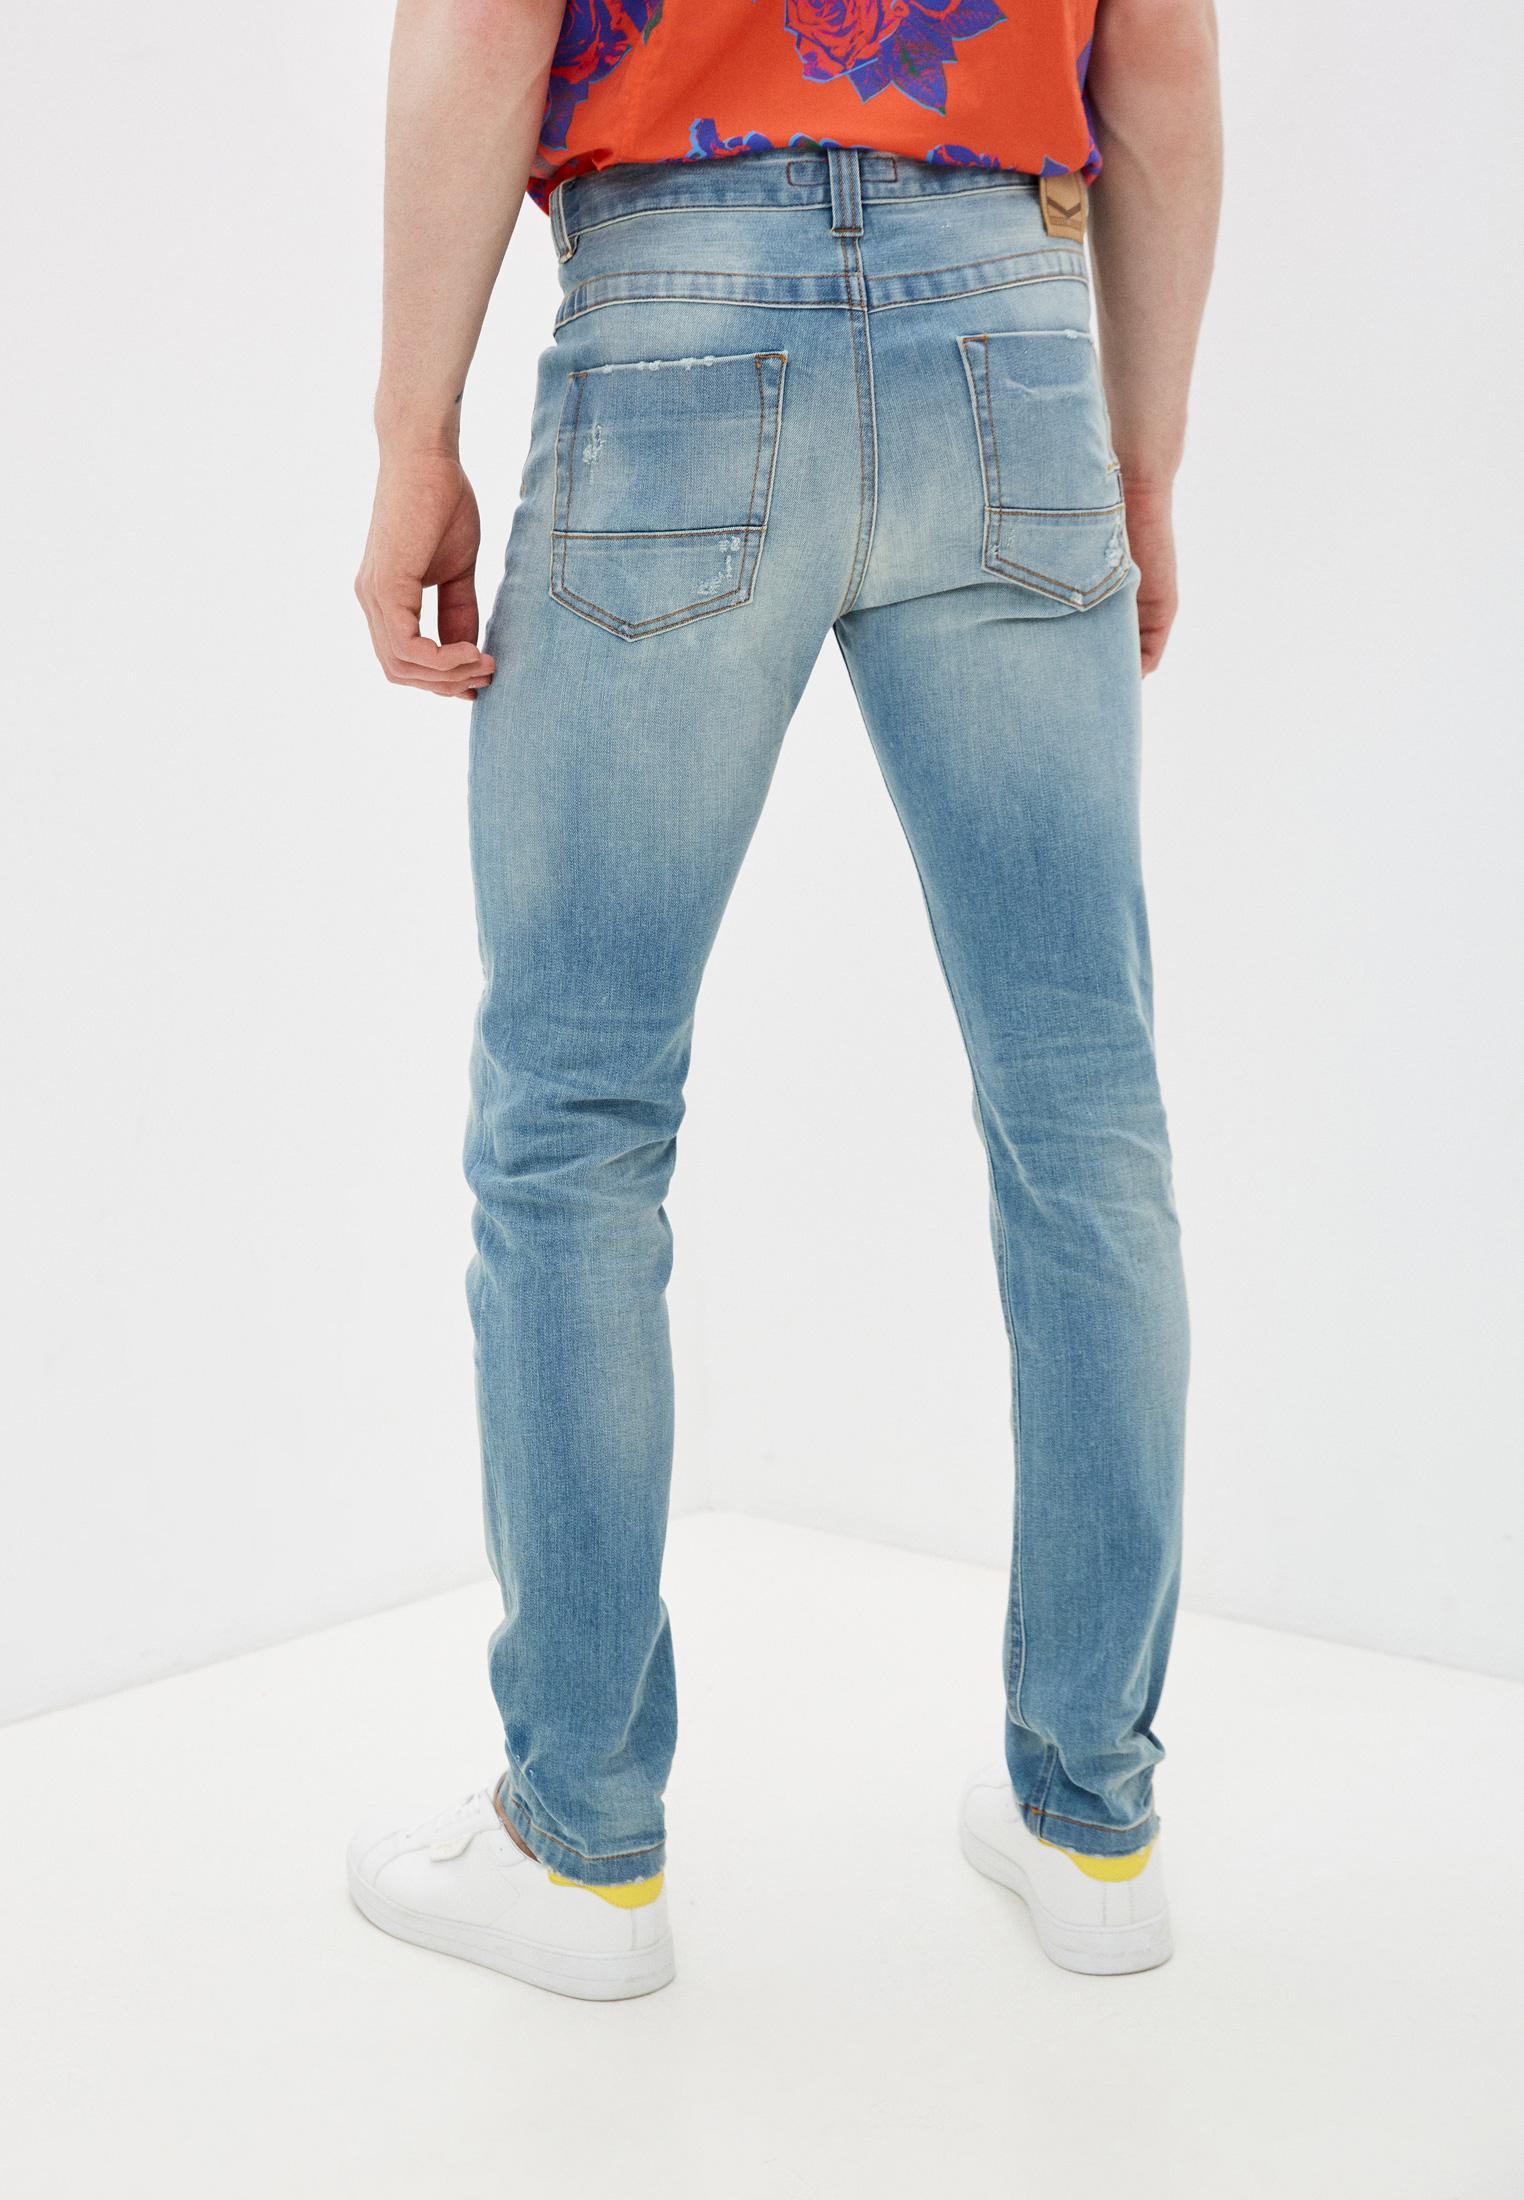 Мужские зауженные джинсы Bikkembergs (Биккембергс) C Q 101 00 S 3181: изображение 4